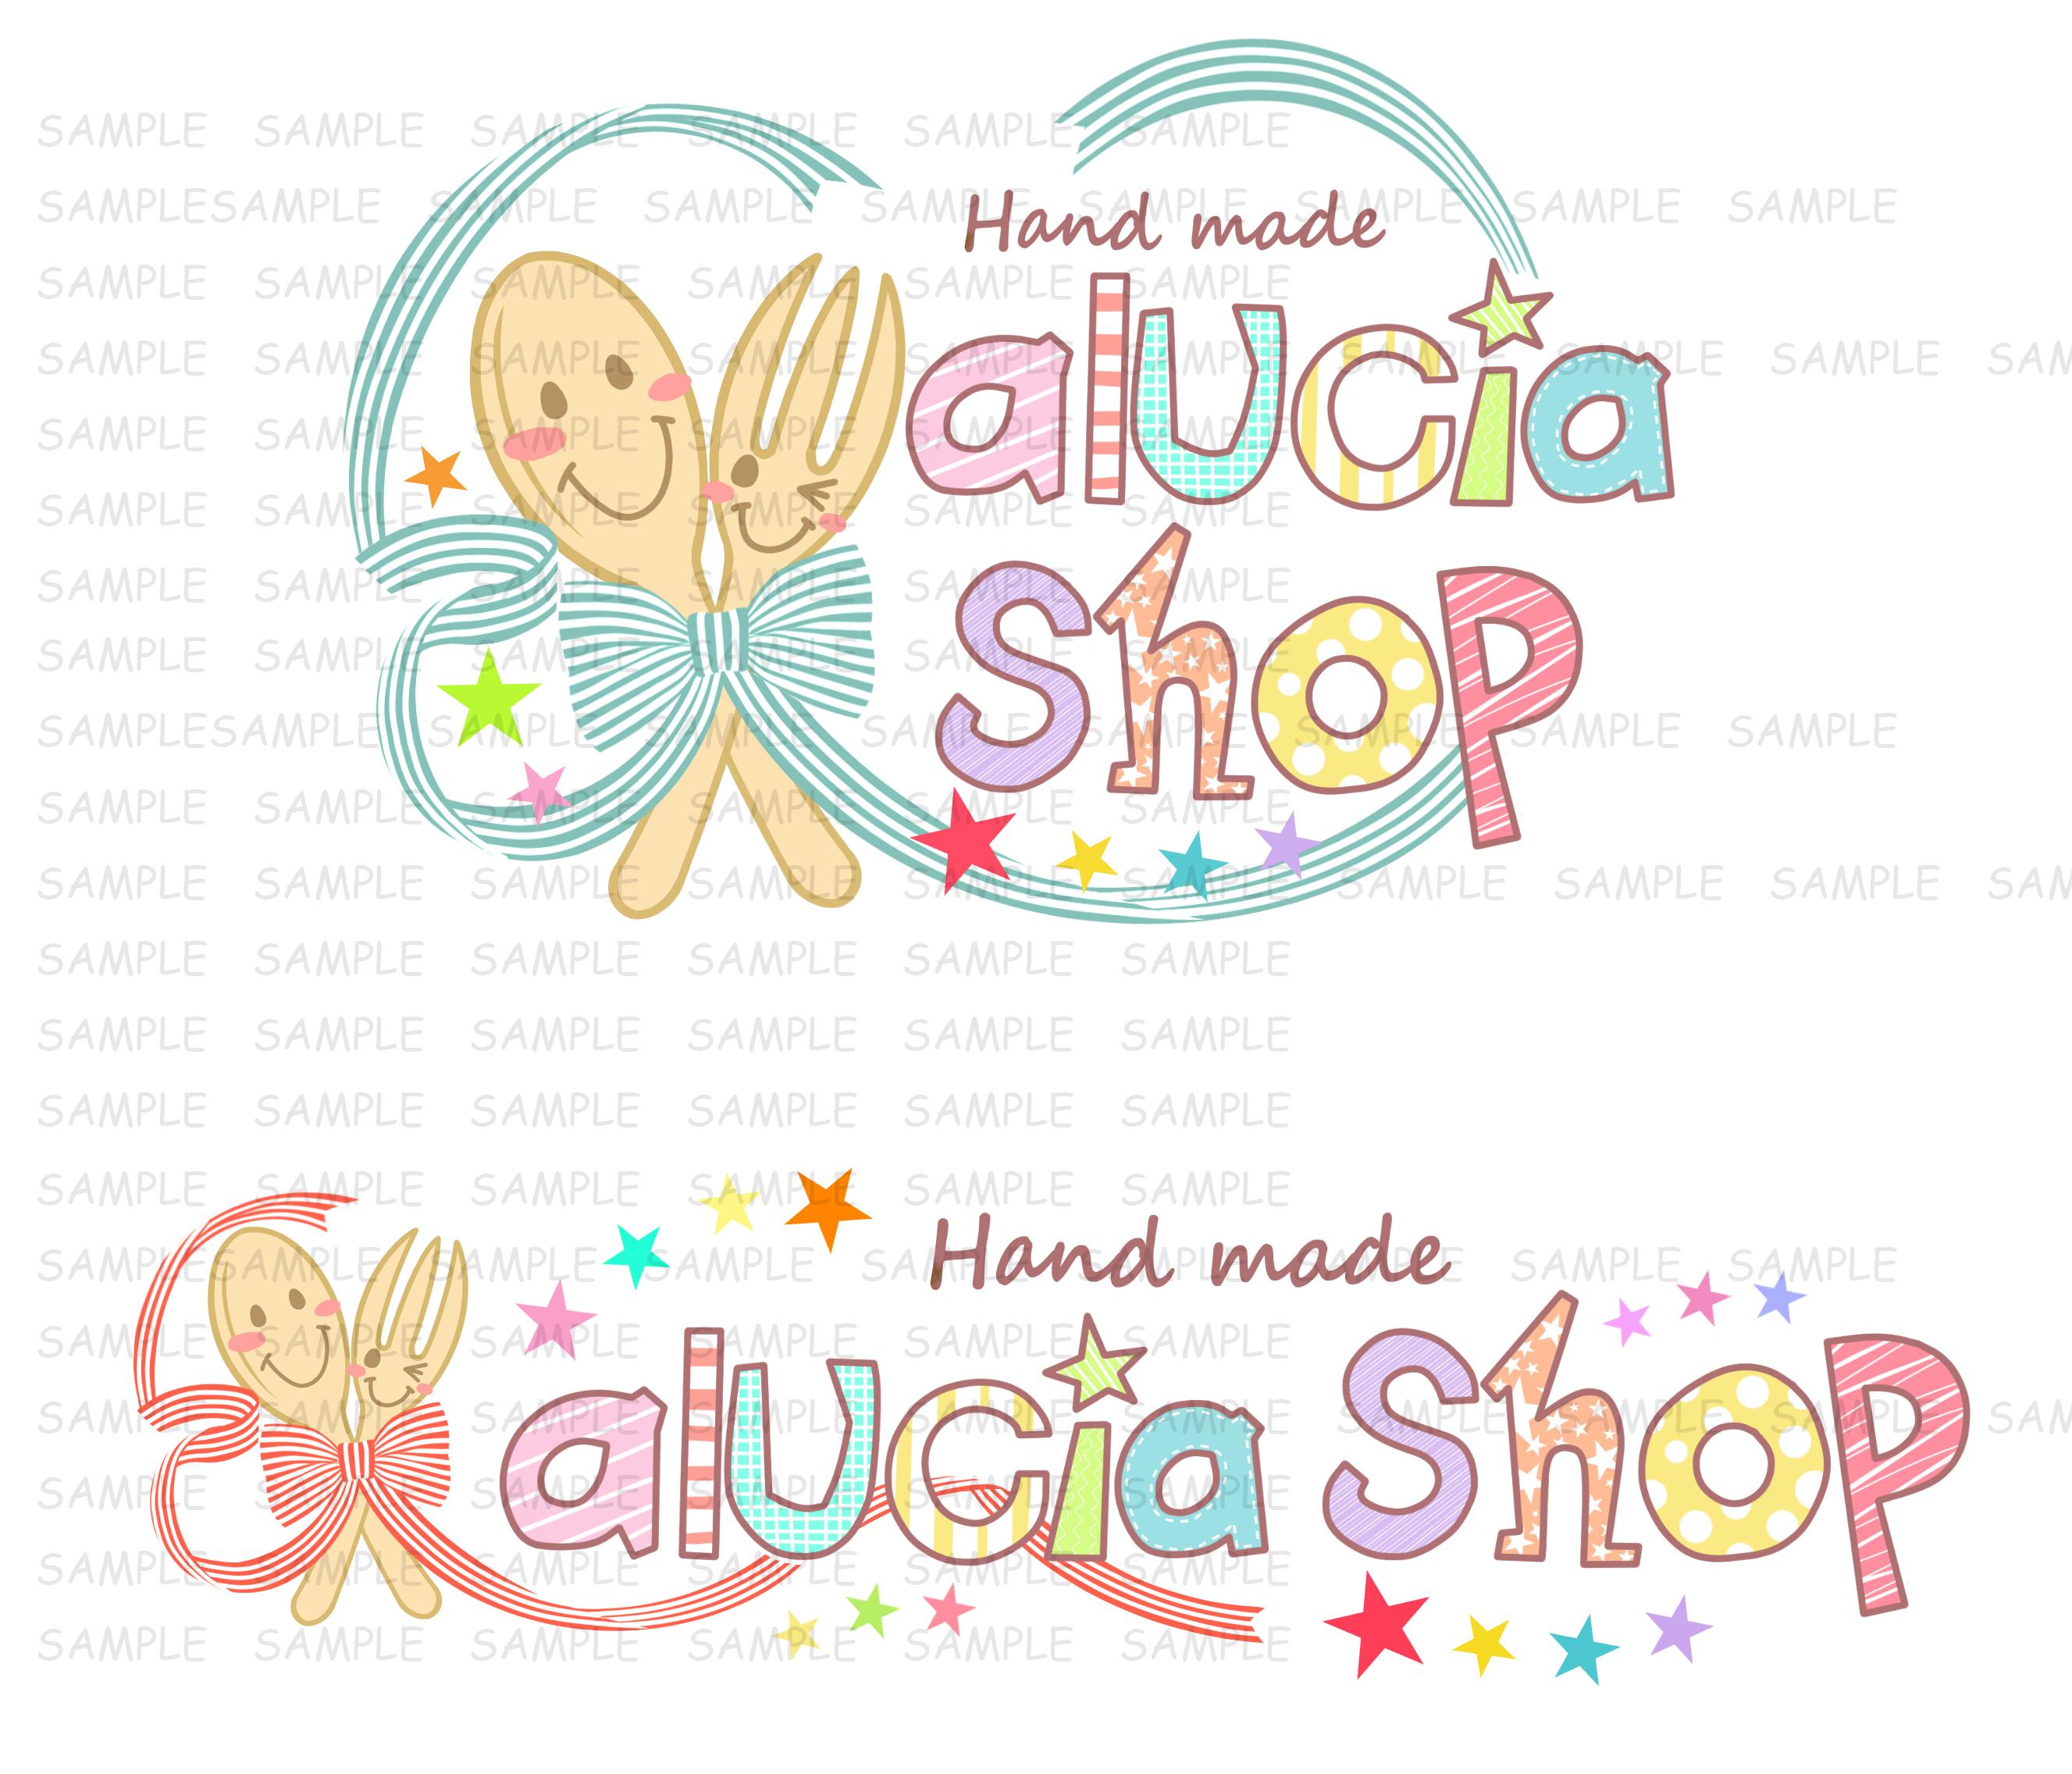 Hand made shop rogo